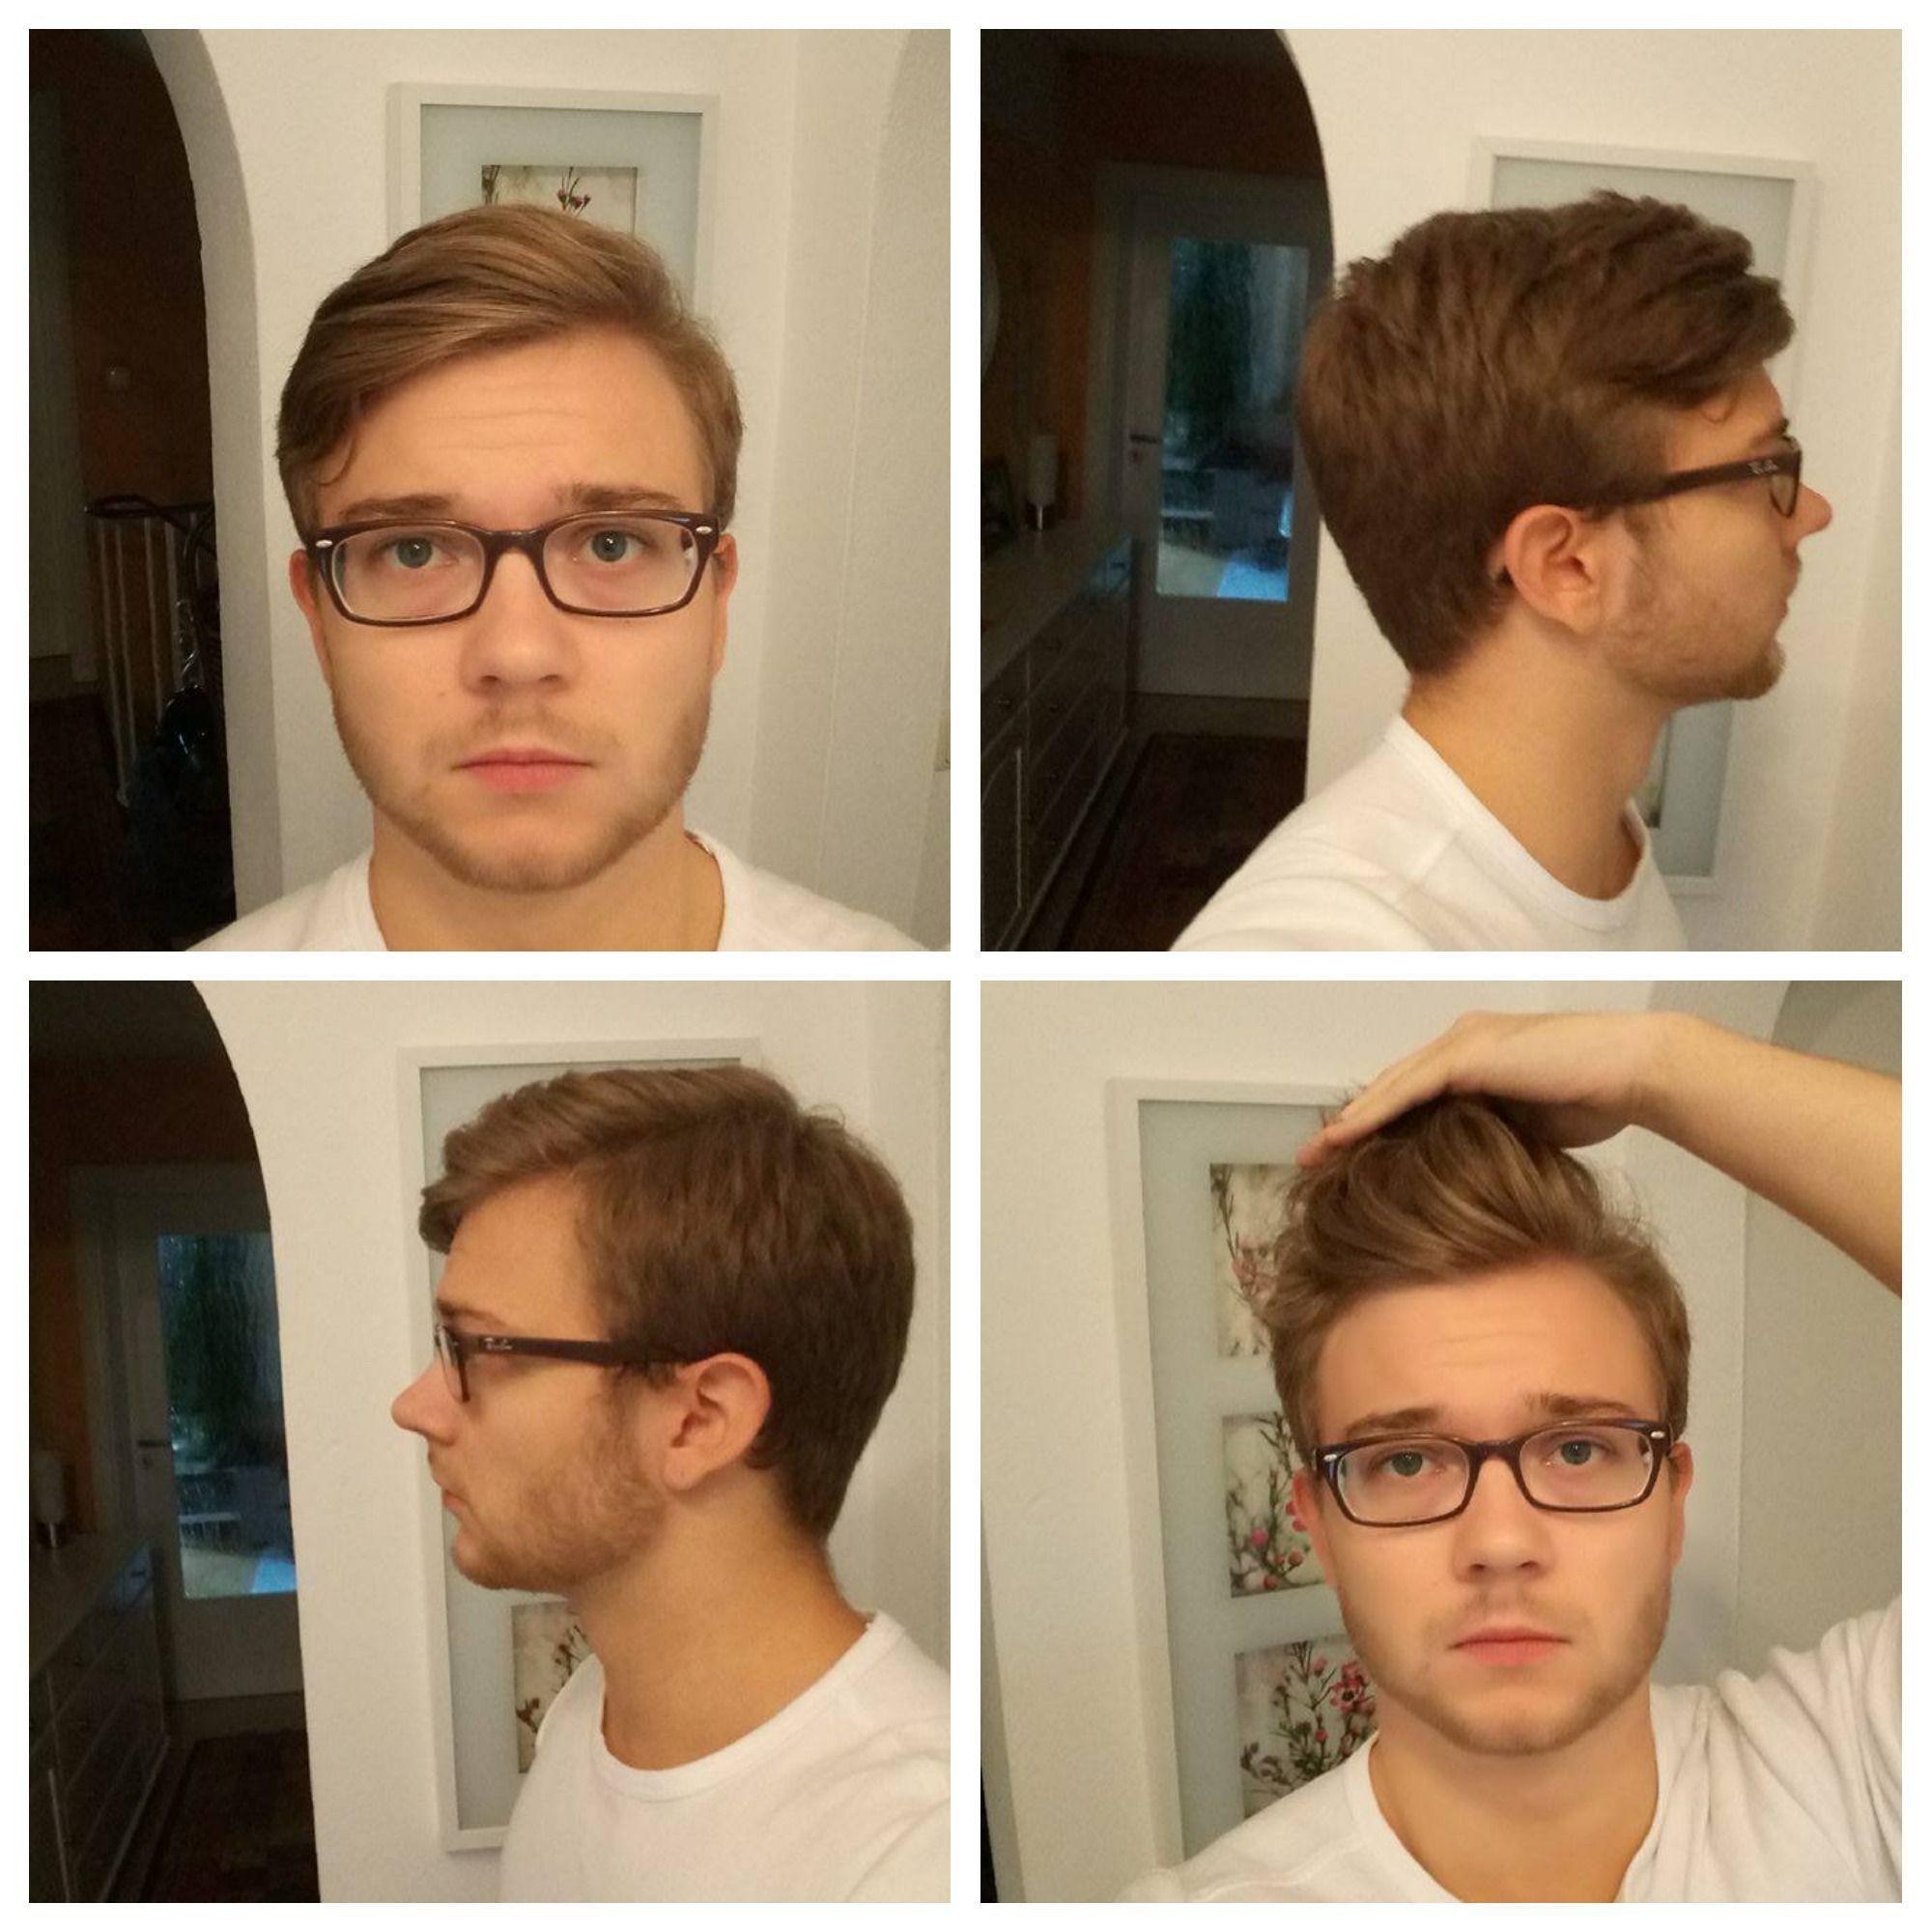 Einzigartig Welche Frisur Mir Passt Neue Haare Frisuren Pinterest